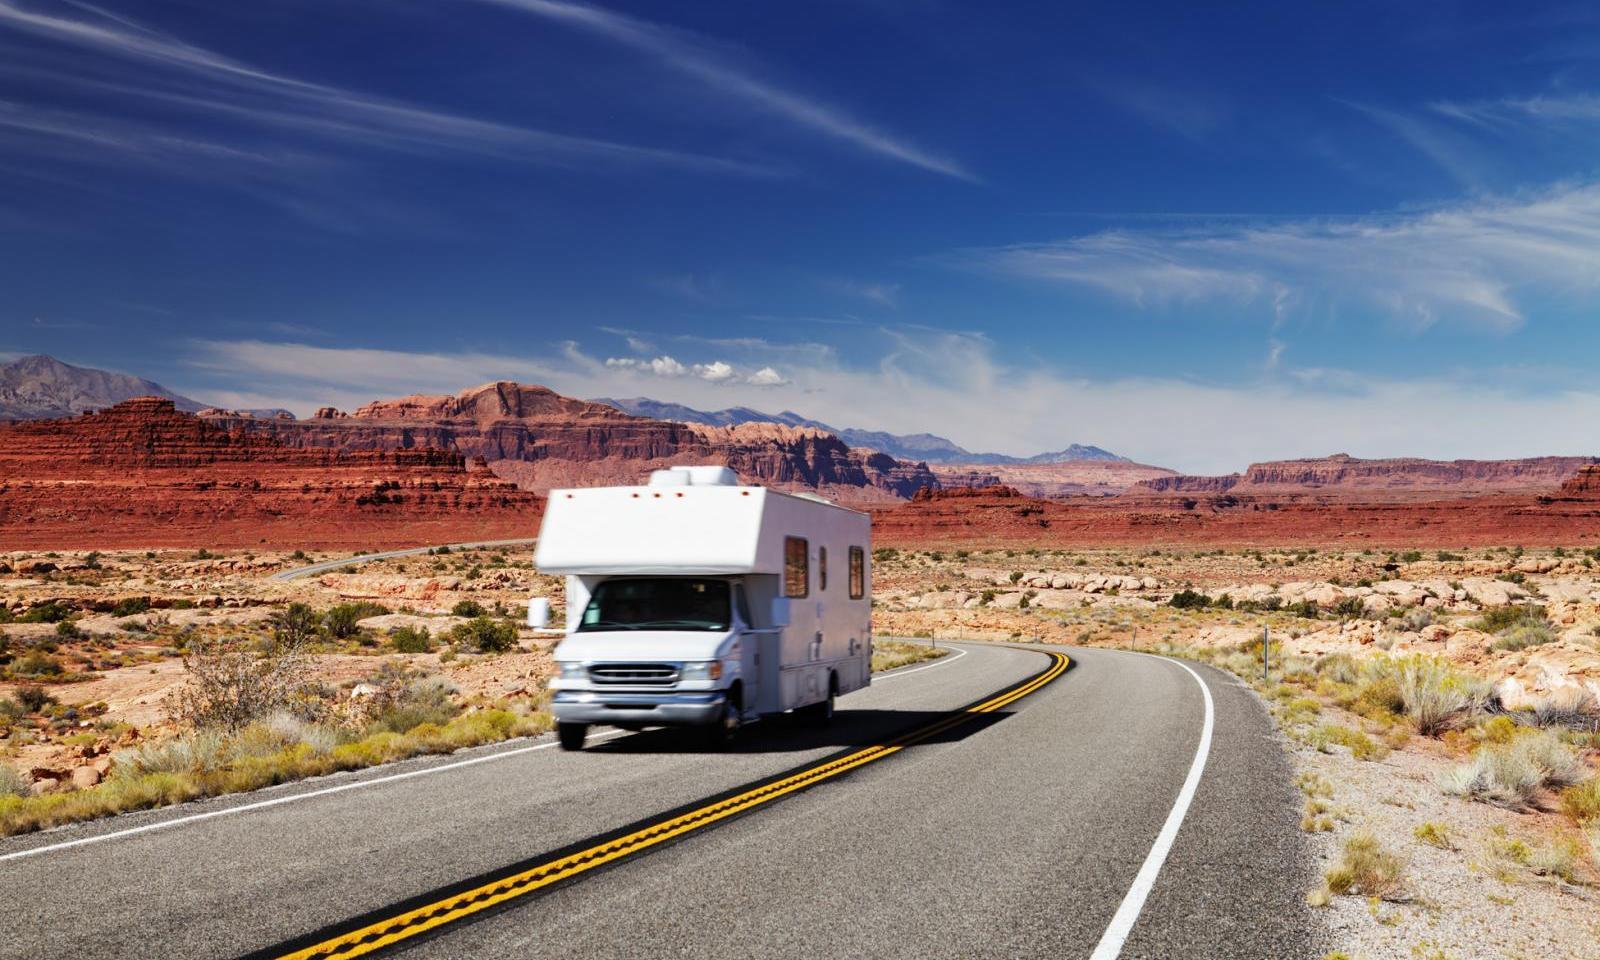 ▷ Wohnmobil USA - Erfahrungen, Preisvergleich und Tipps 10